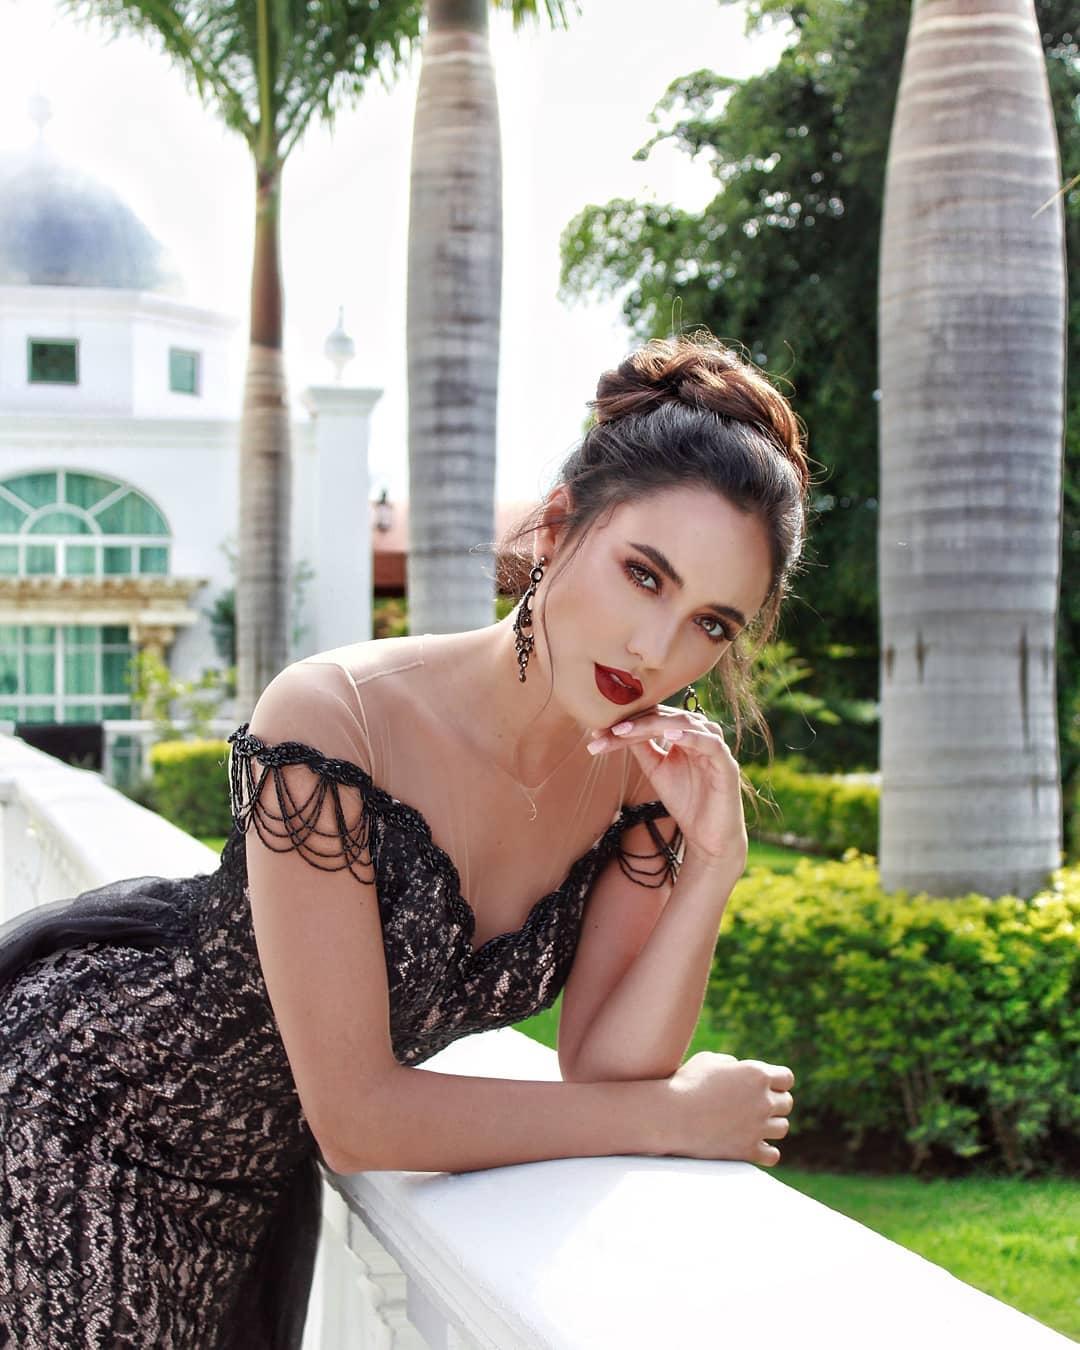 karolina vidales, candidata a miss mexico 2020, representando michoacan. - Página 4 73114811